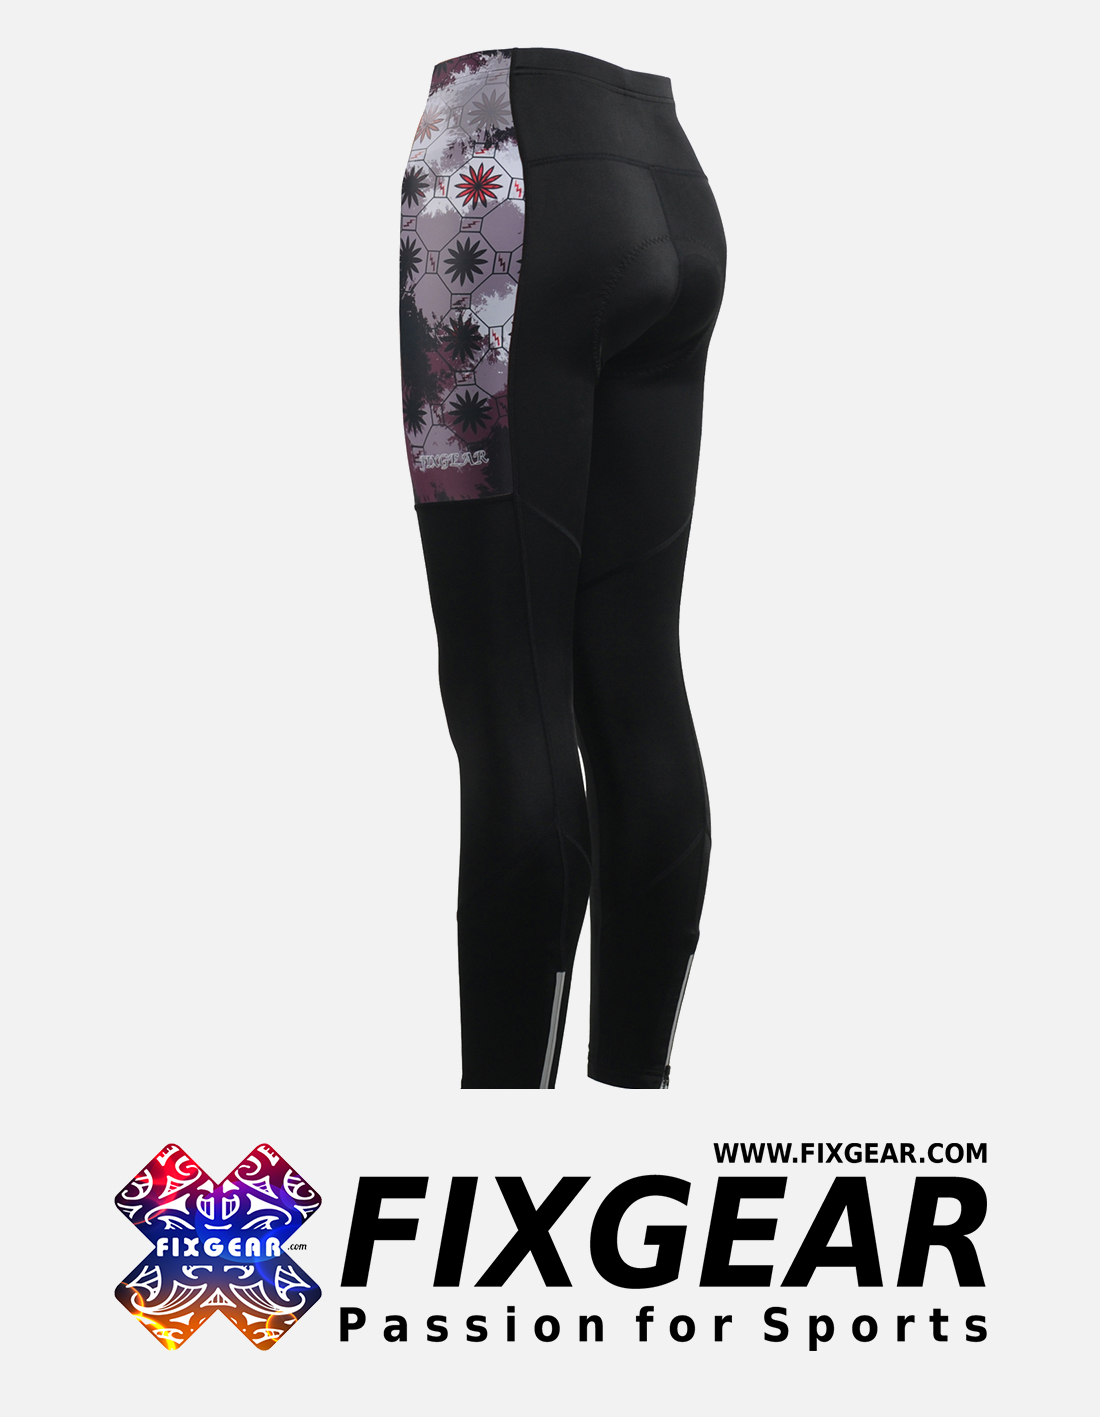 FIXGEAR LT-WJ4 Women's Cycling Padded Long Pants